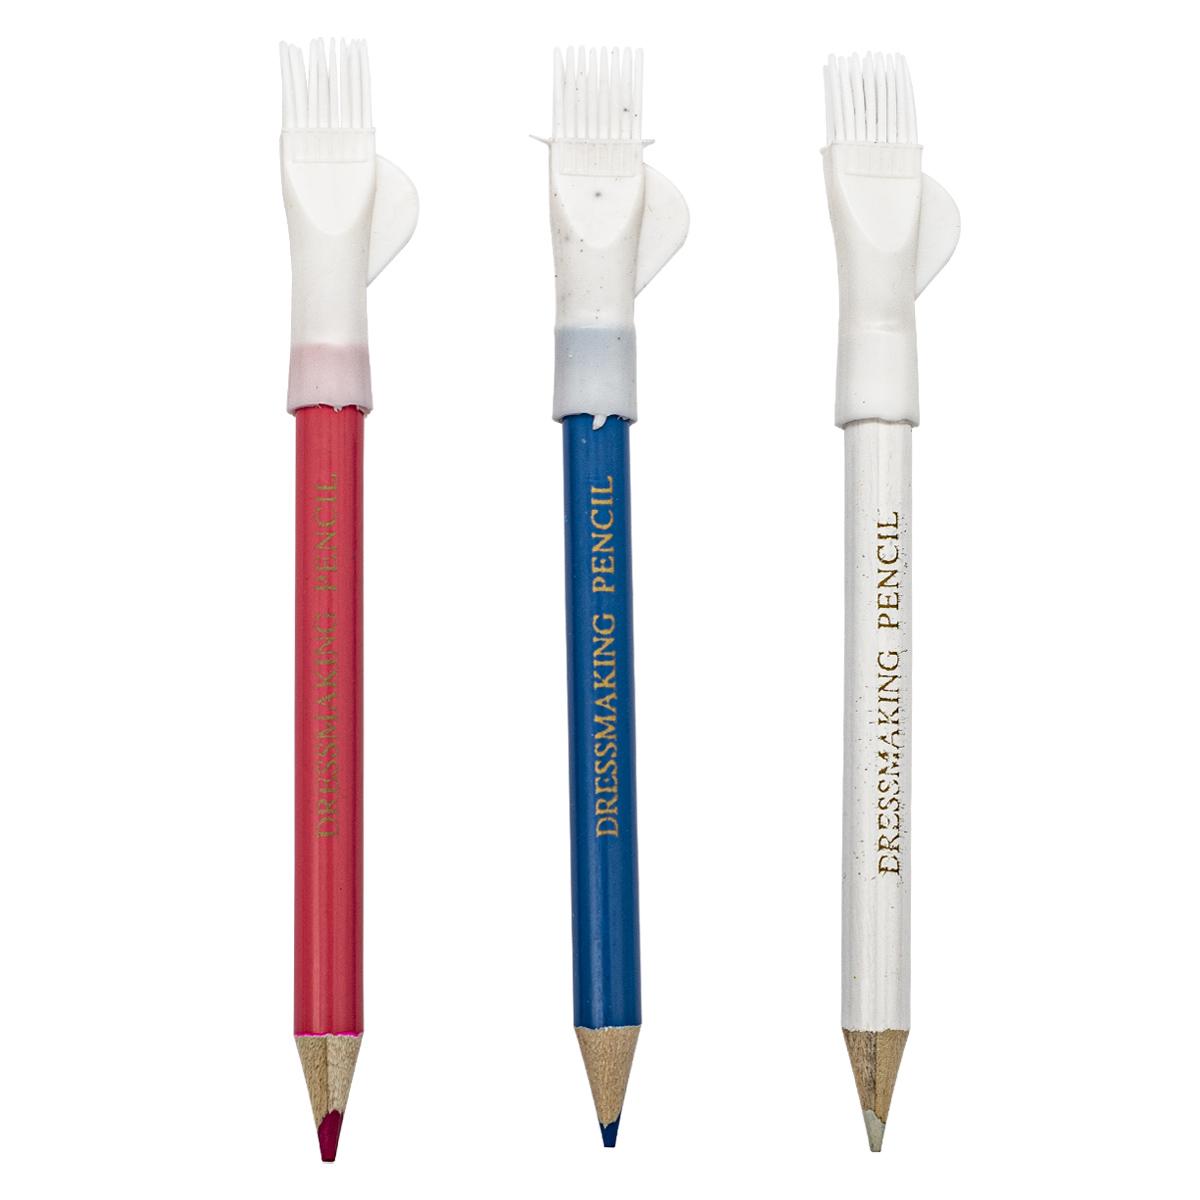 410103 Карандаши маркировочные разноцветные, с щеточкой, упак./3 шт., Hobby&Pro